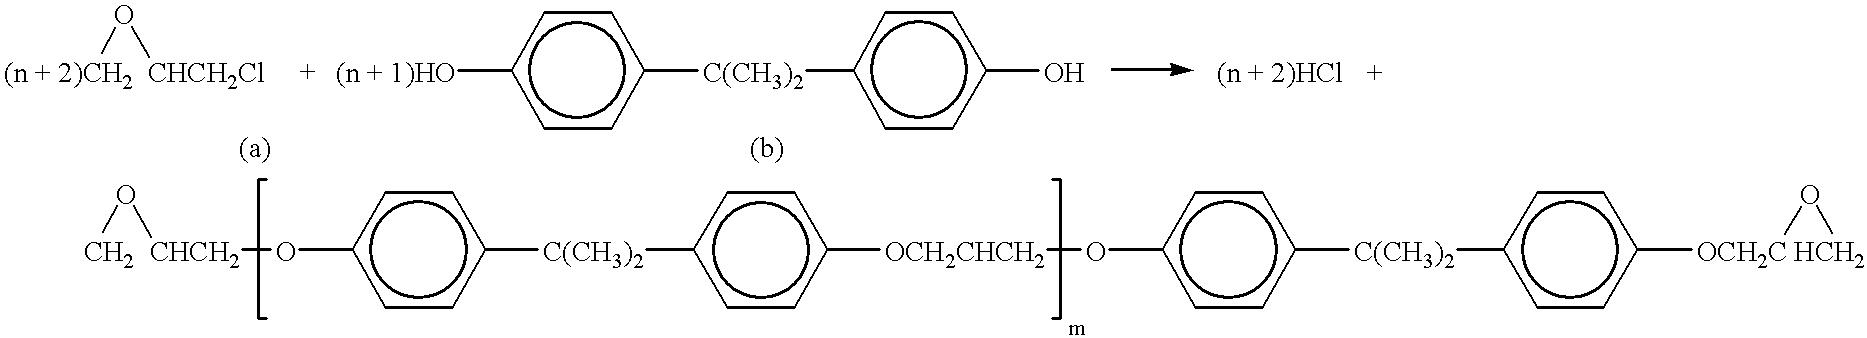 Figure US06207784-20010327-C00010